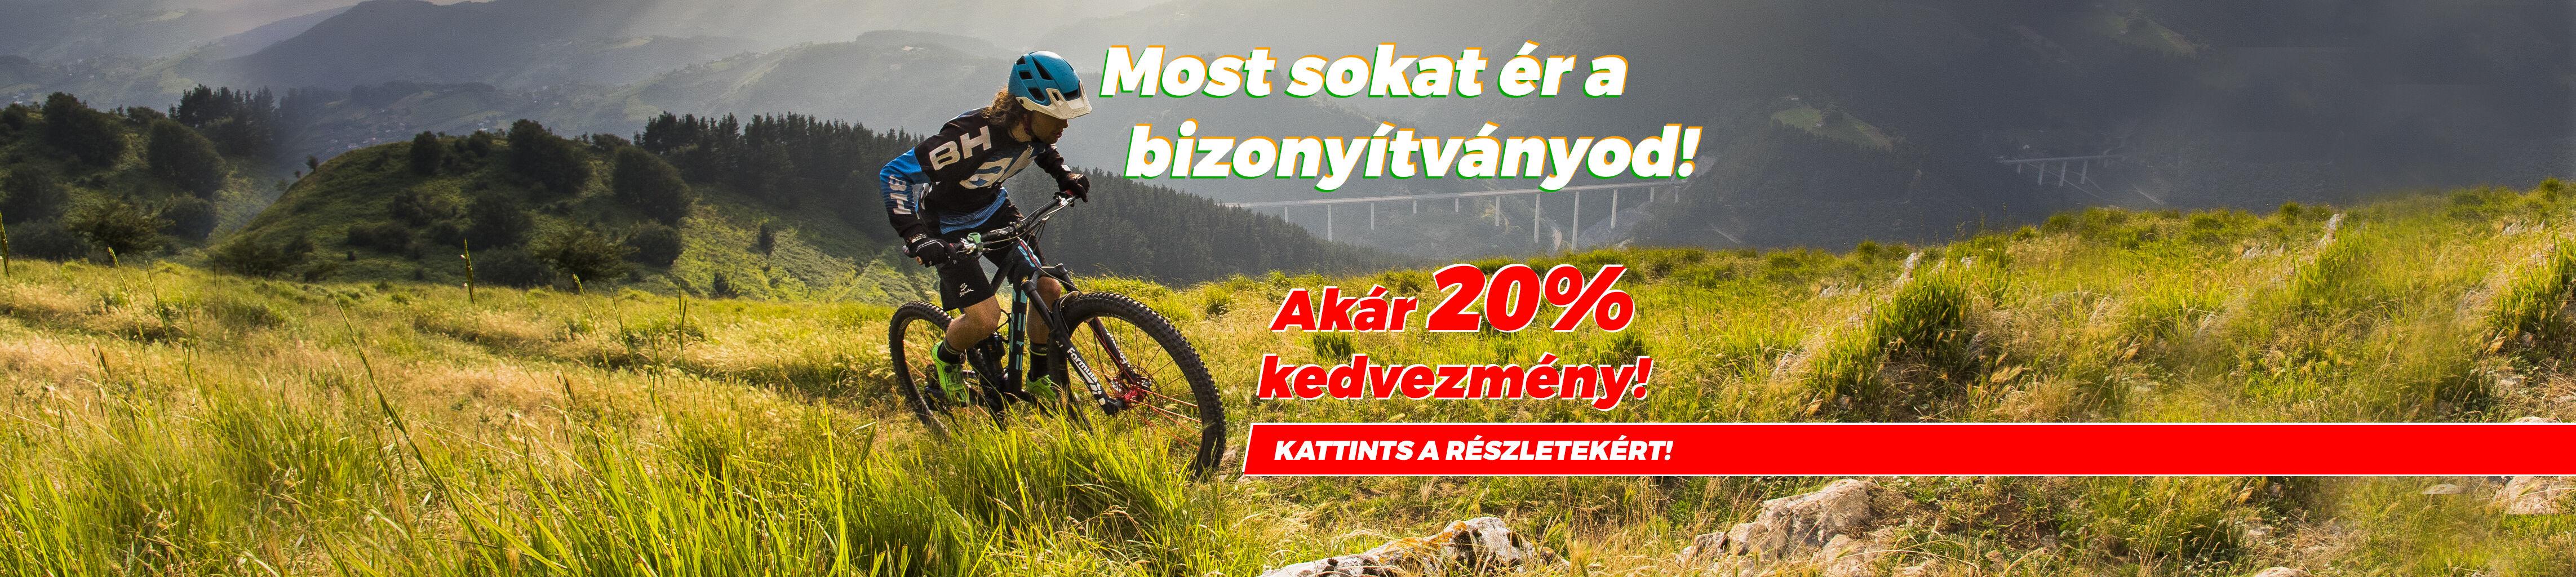 bizonyitvanyakcio2019